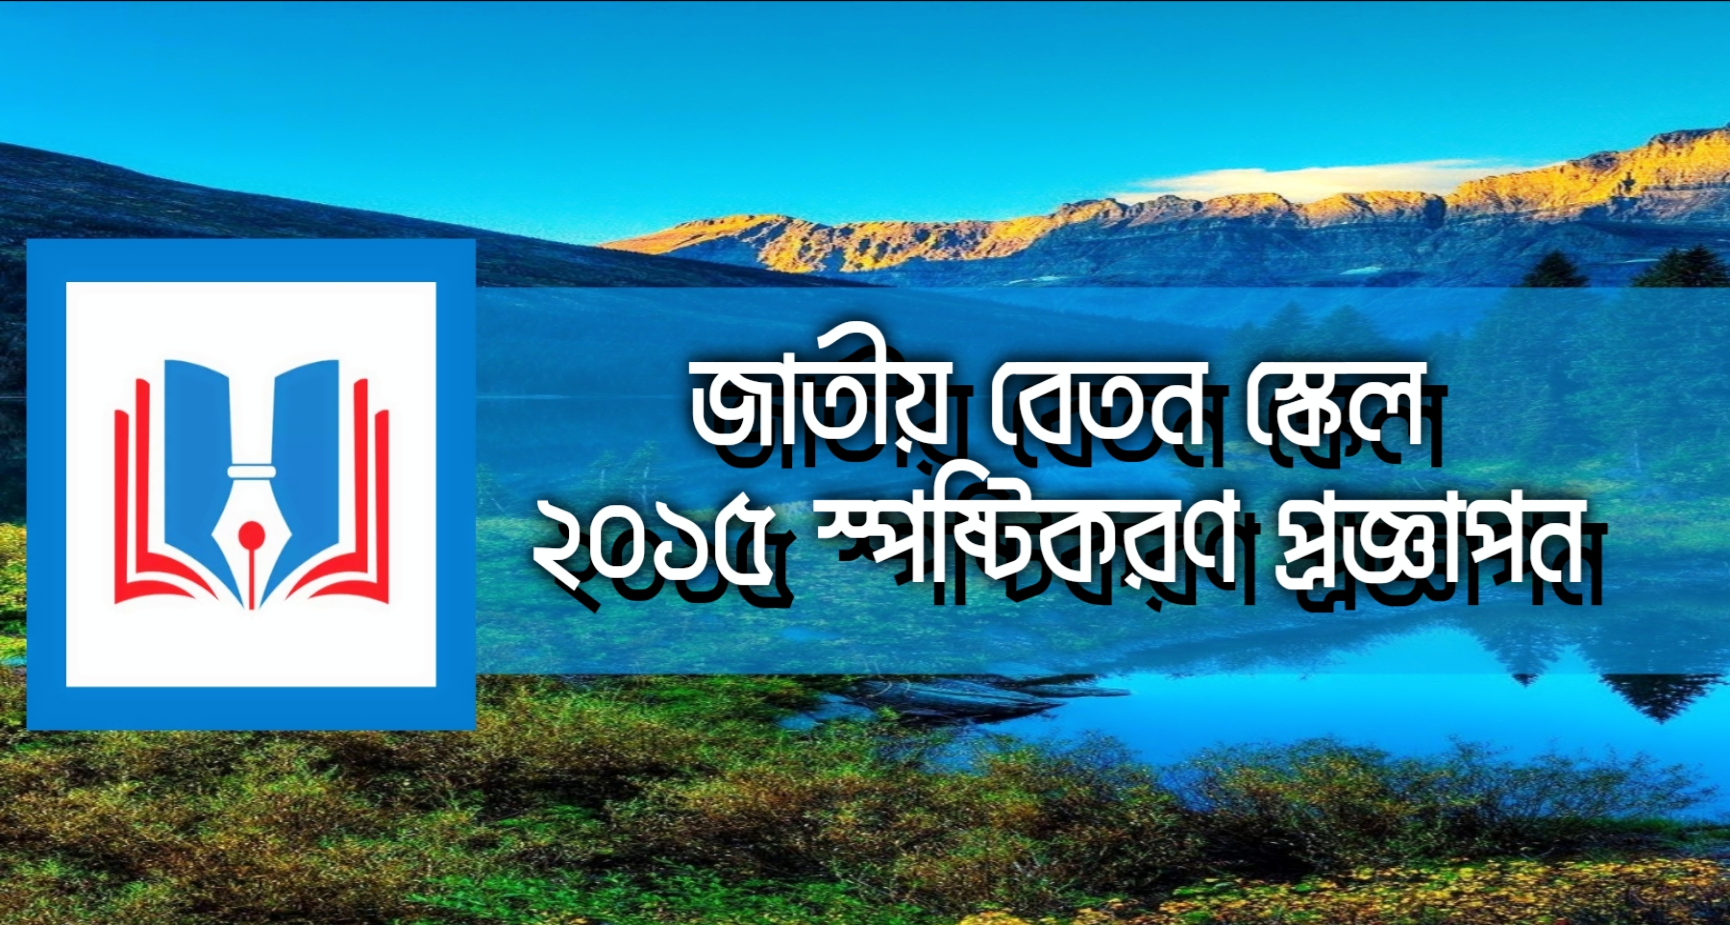 জাতীয় বেতন স্কেল ২০১৫ স্পষ্টিকরণ প্রজ্ঞাপন